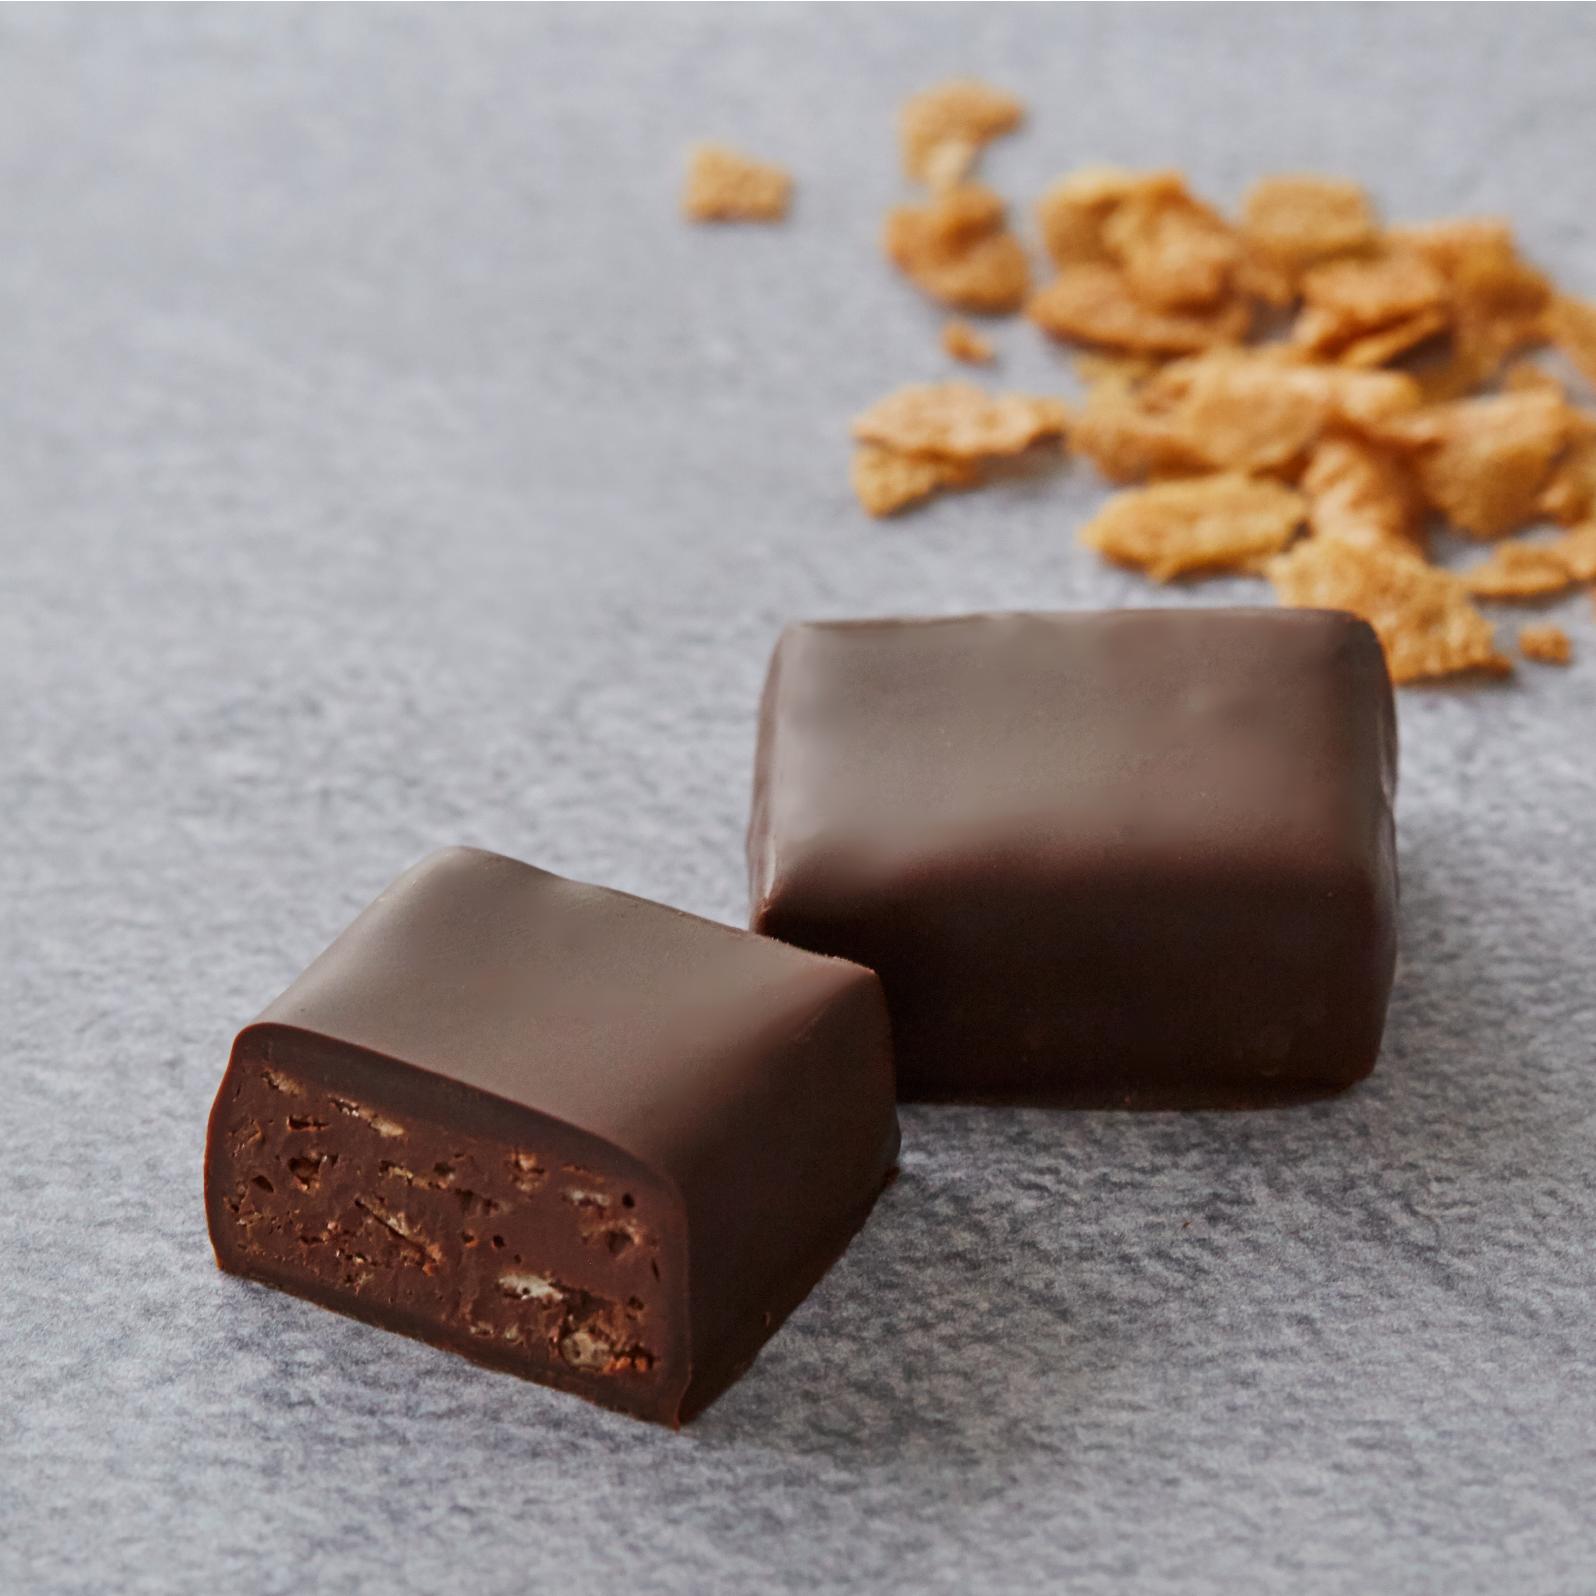 サクサククレープのプラリネチョコレート